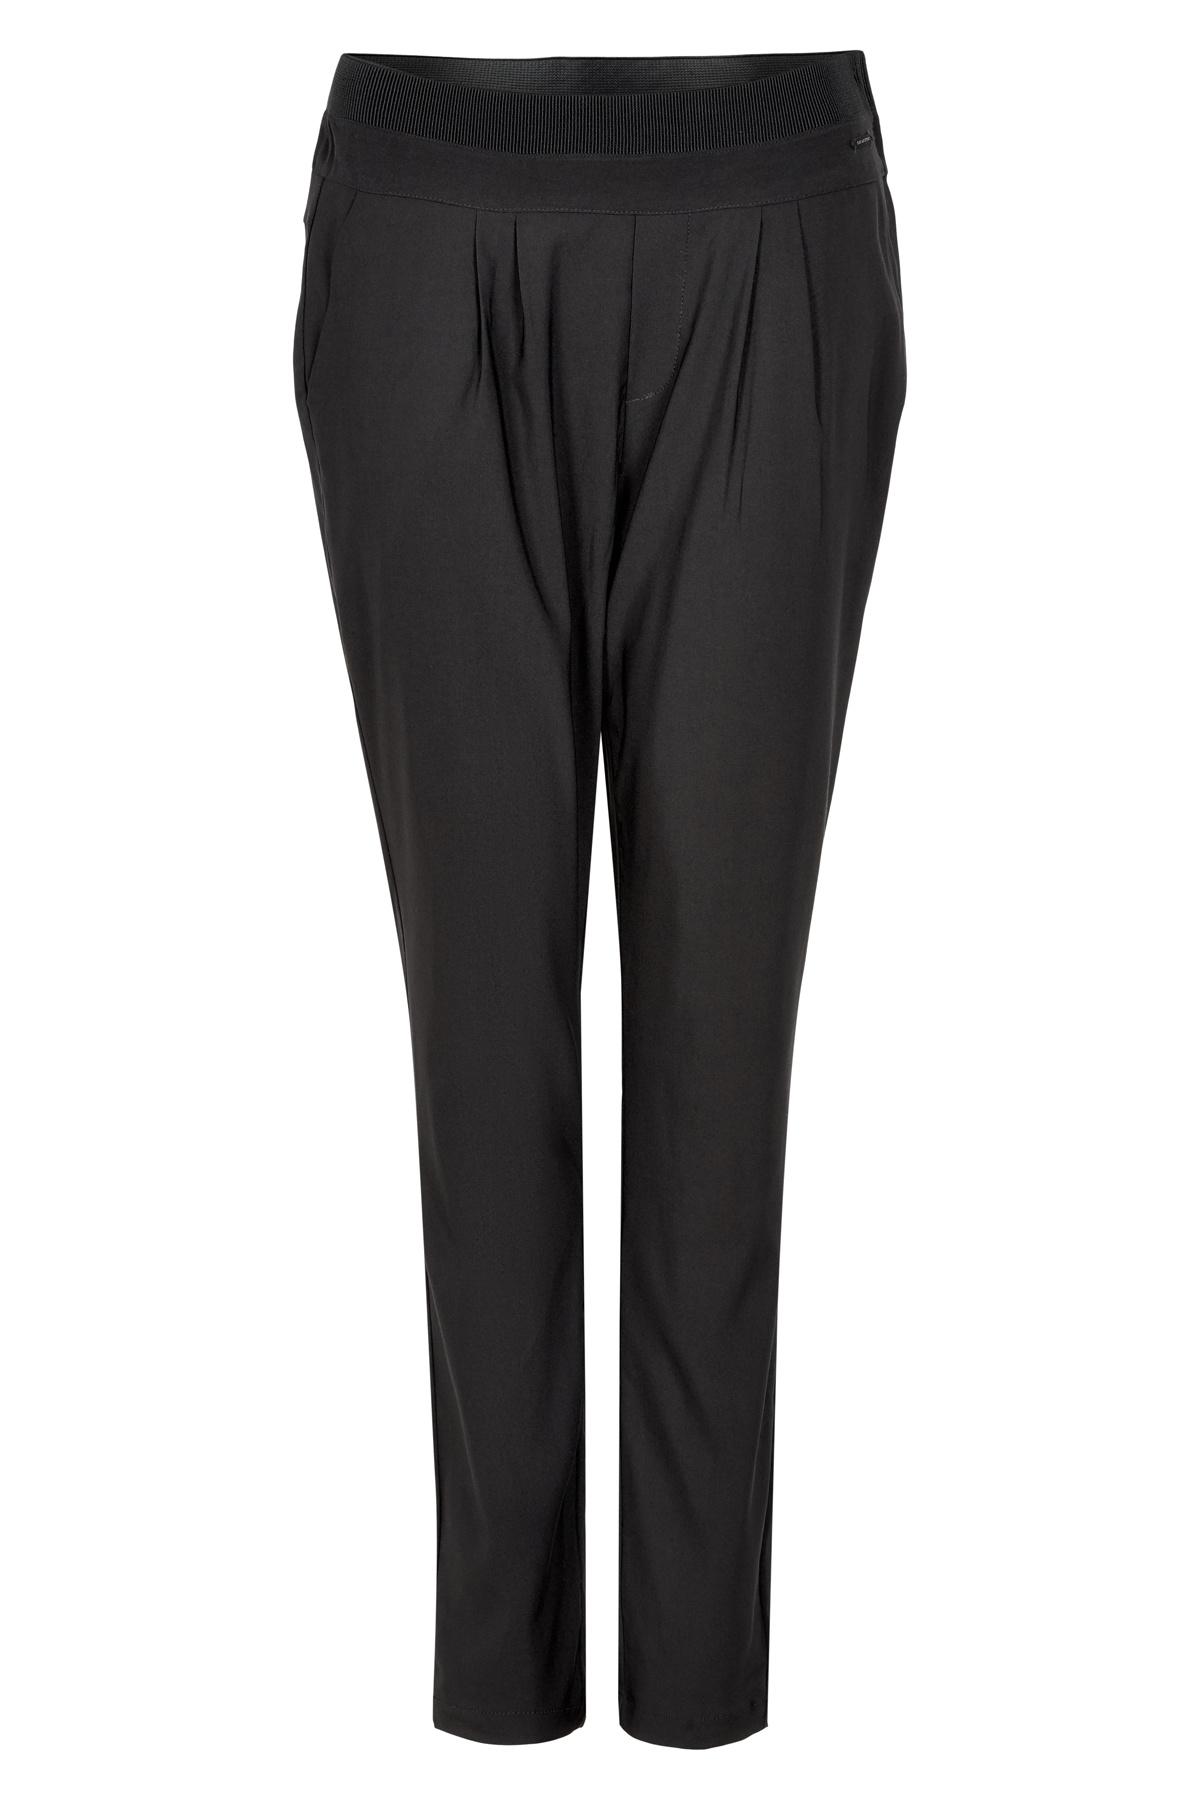 Nümph Aliena Pants